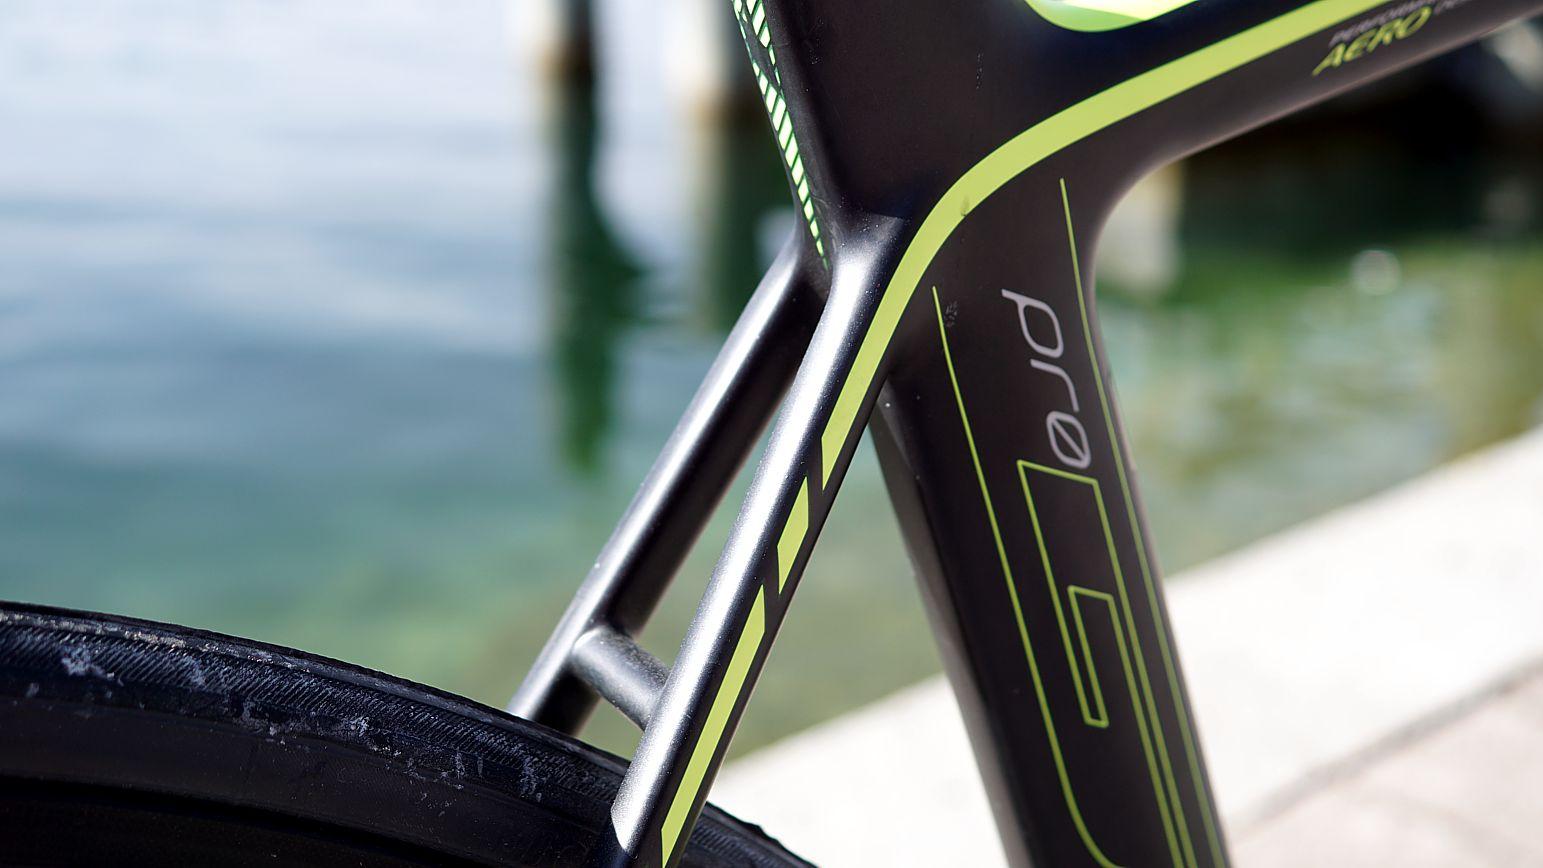 Die Hinterradbremse sucht man bei modernen Aerorädern meist vergeblich an den Sattelstreben. Diese ist auch beim G6 Pro in Direct.Mount-Manier am Tretlager angeschlagen.